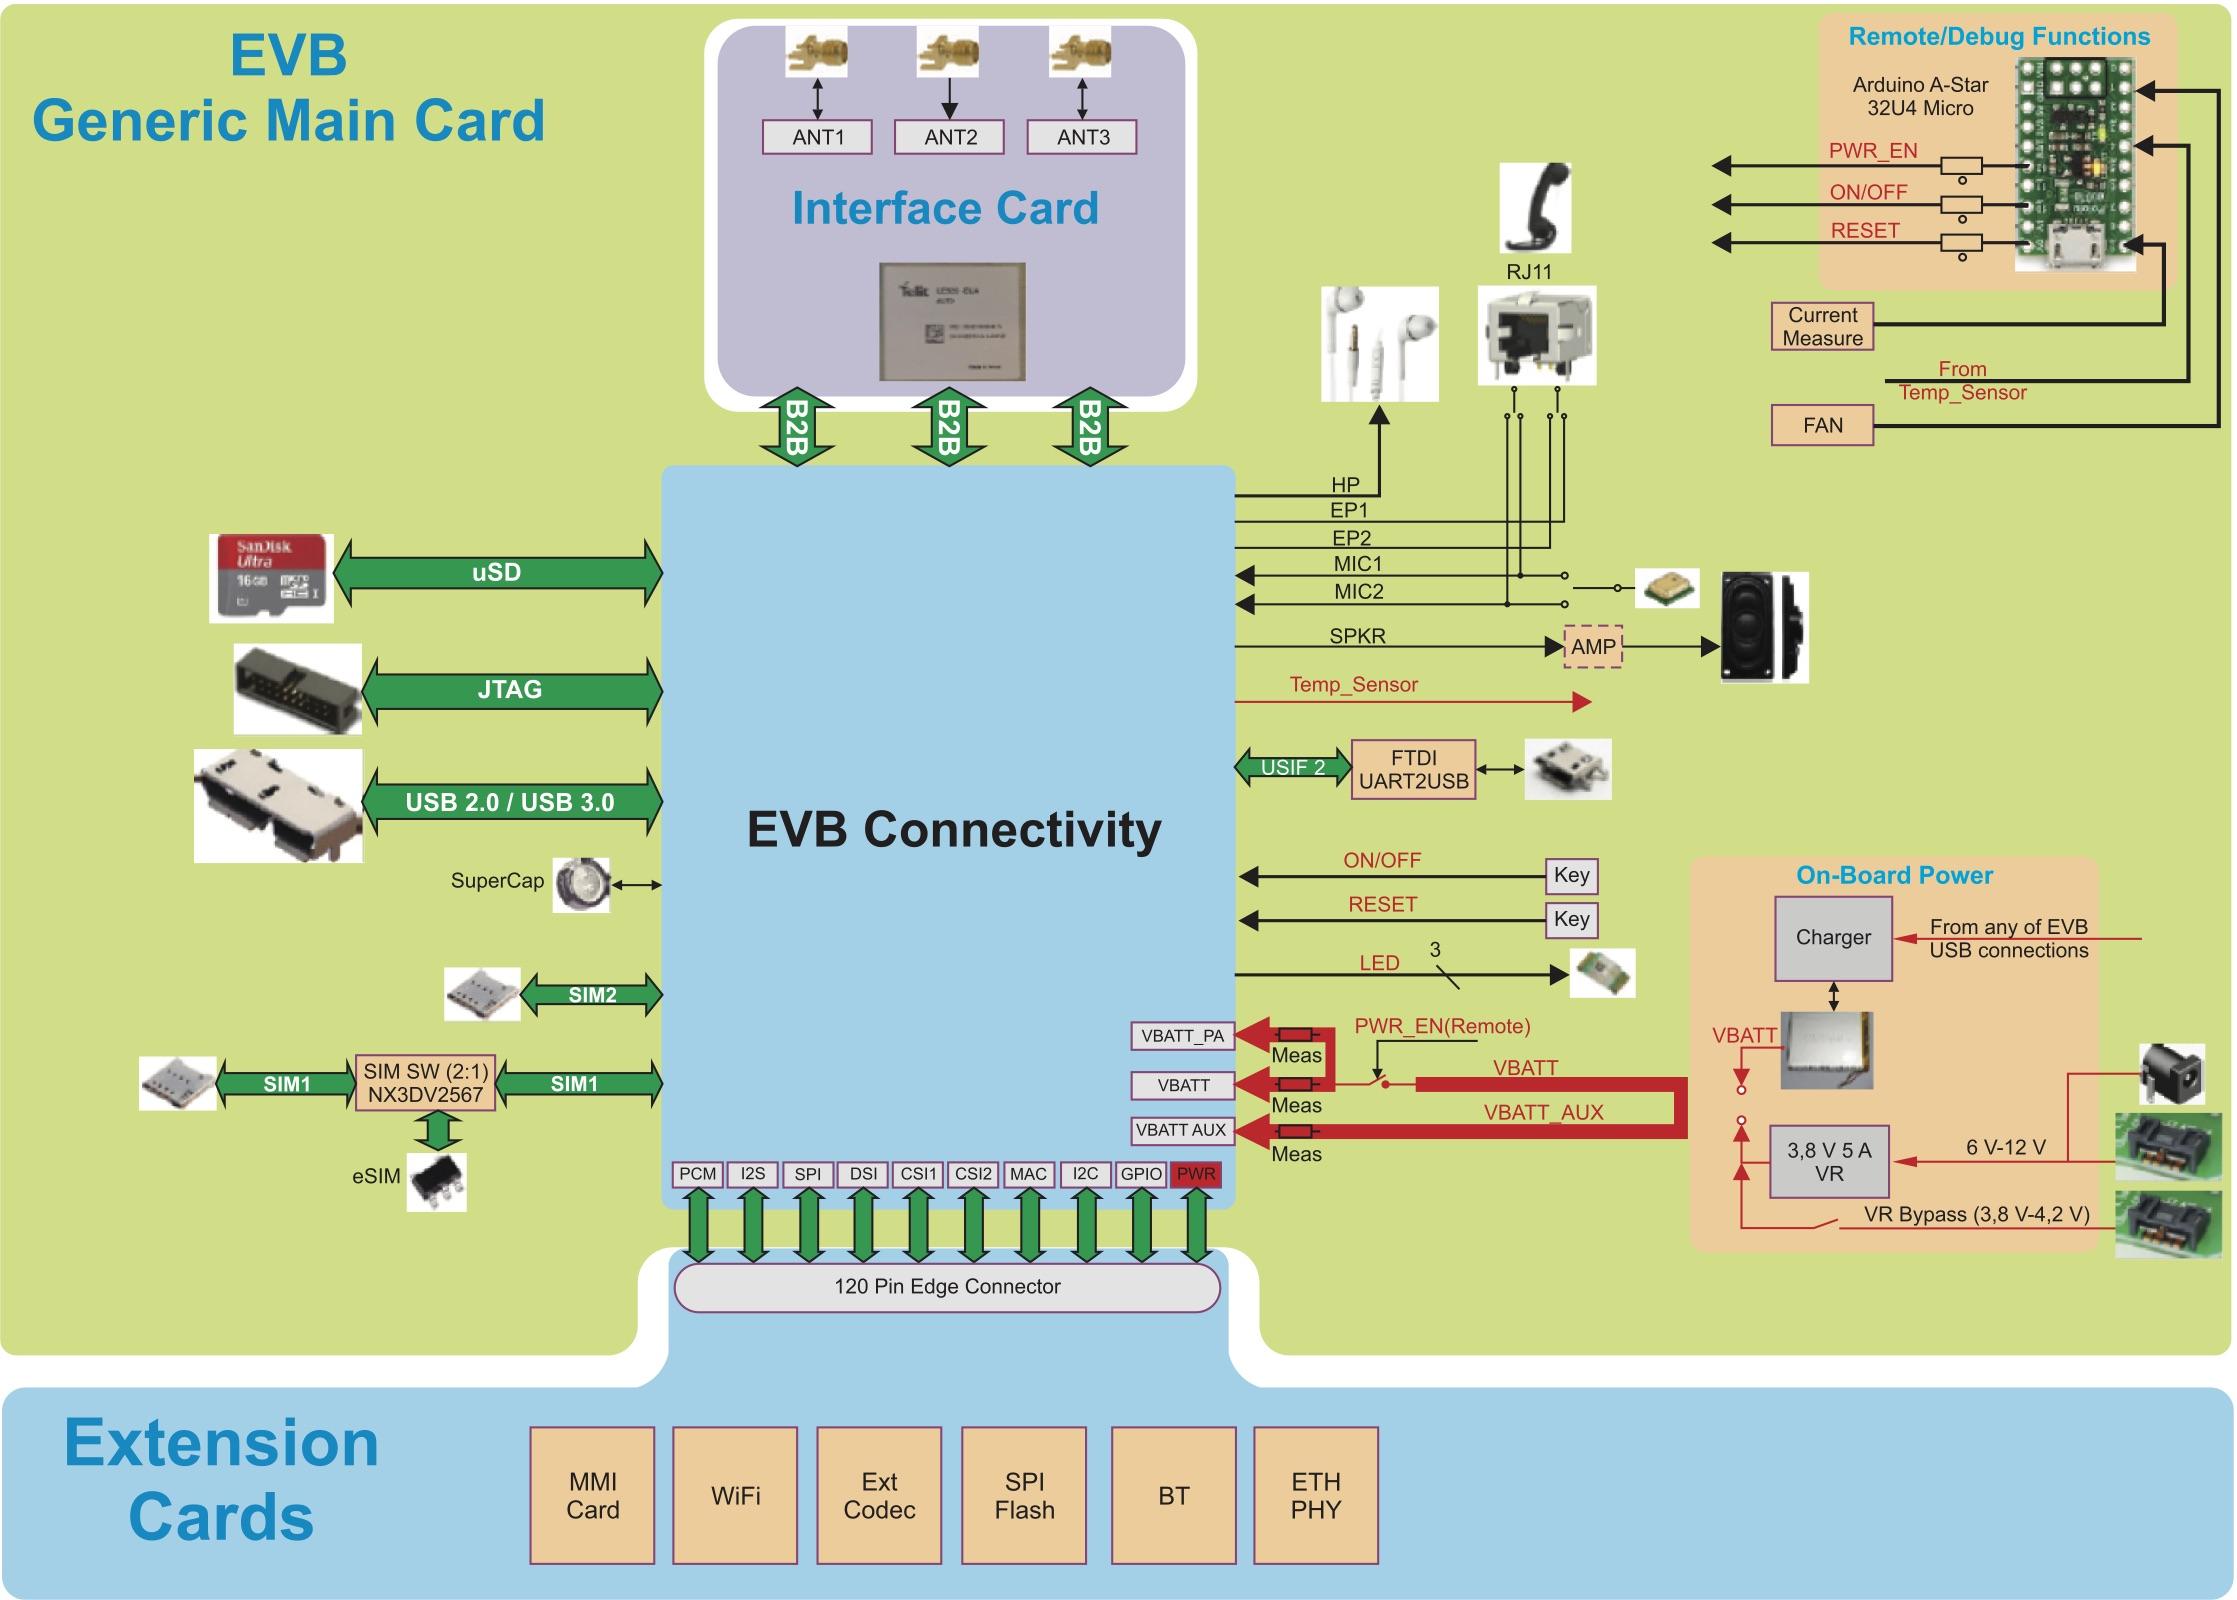 Отладочный набор Telit на основе EVB connectivity